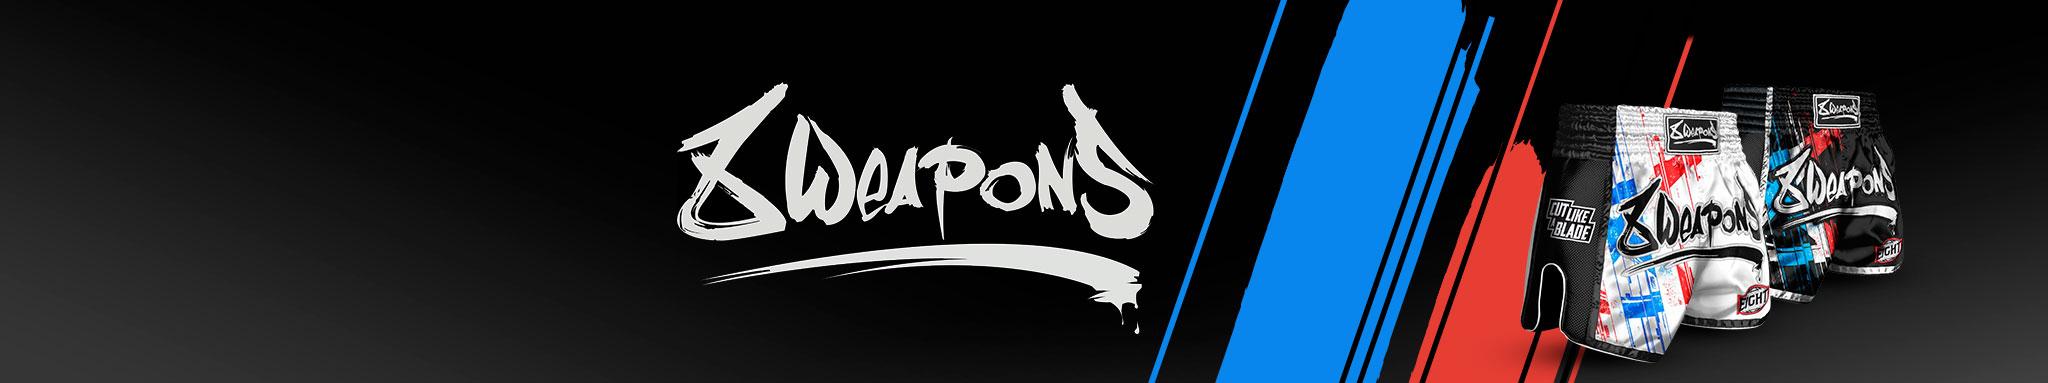 8 WEAPONS : vêtements, équipements & accessoires de la marque 8 WEAPONS   Dragon Bleu